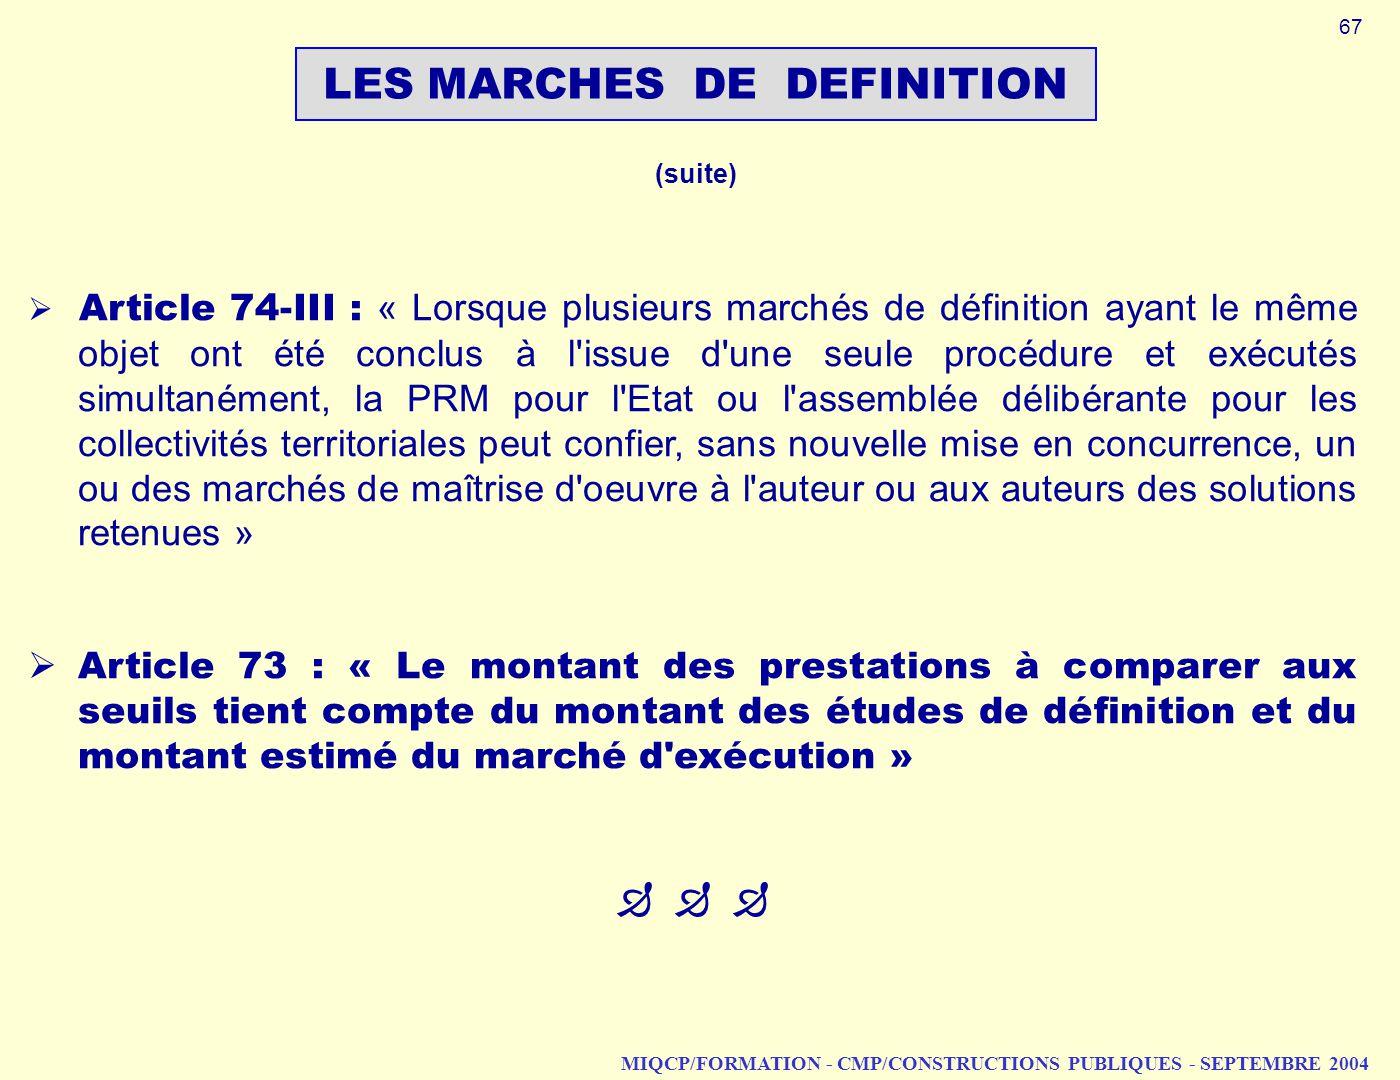 MIQCP/FORMATION - CMP/CONSTRUCTIONS PUBLIQUES - SEPTEMBRE 2004 Article 74 III : « Lorsque plusieurs marchés de définition ayant le même objet ont été